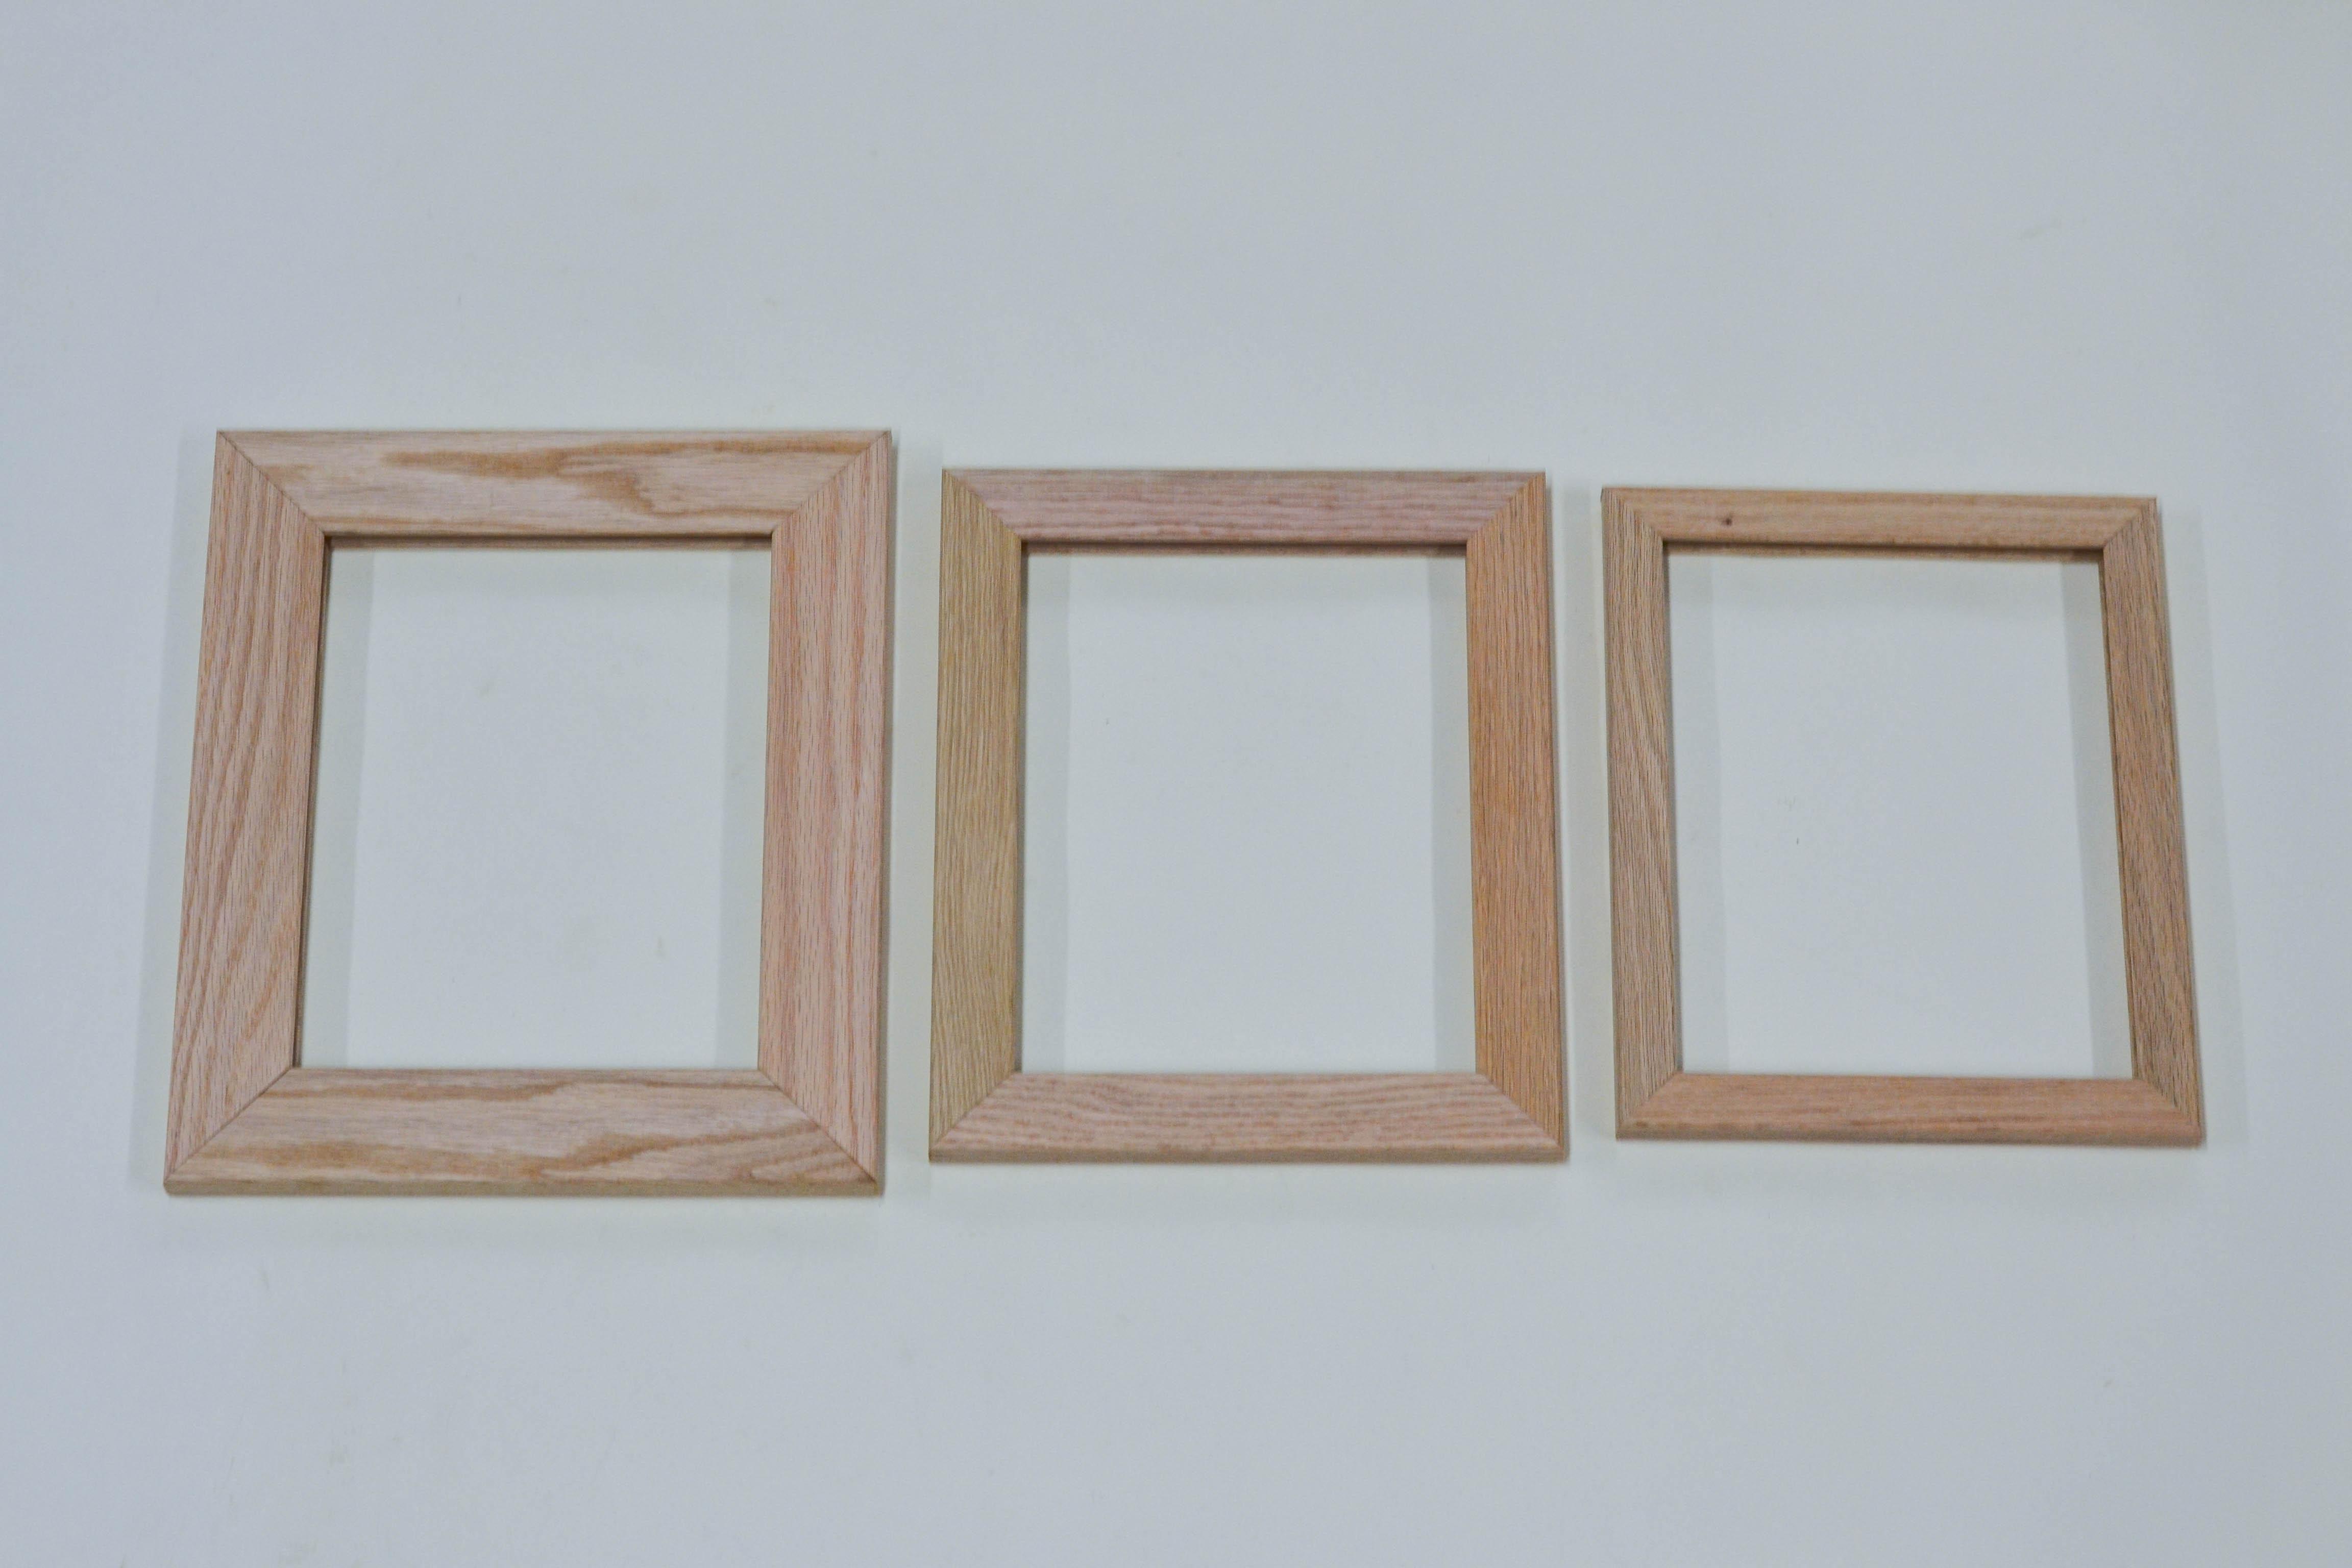 northern hardwood frames standard frame sizes. Black Bedroom Furniture Sets. Home Design Ideas